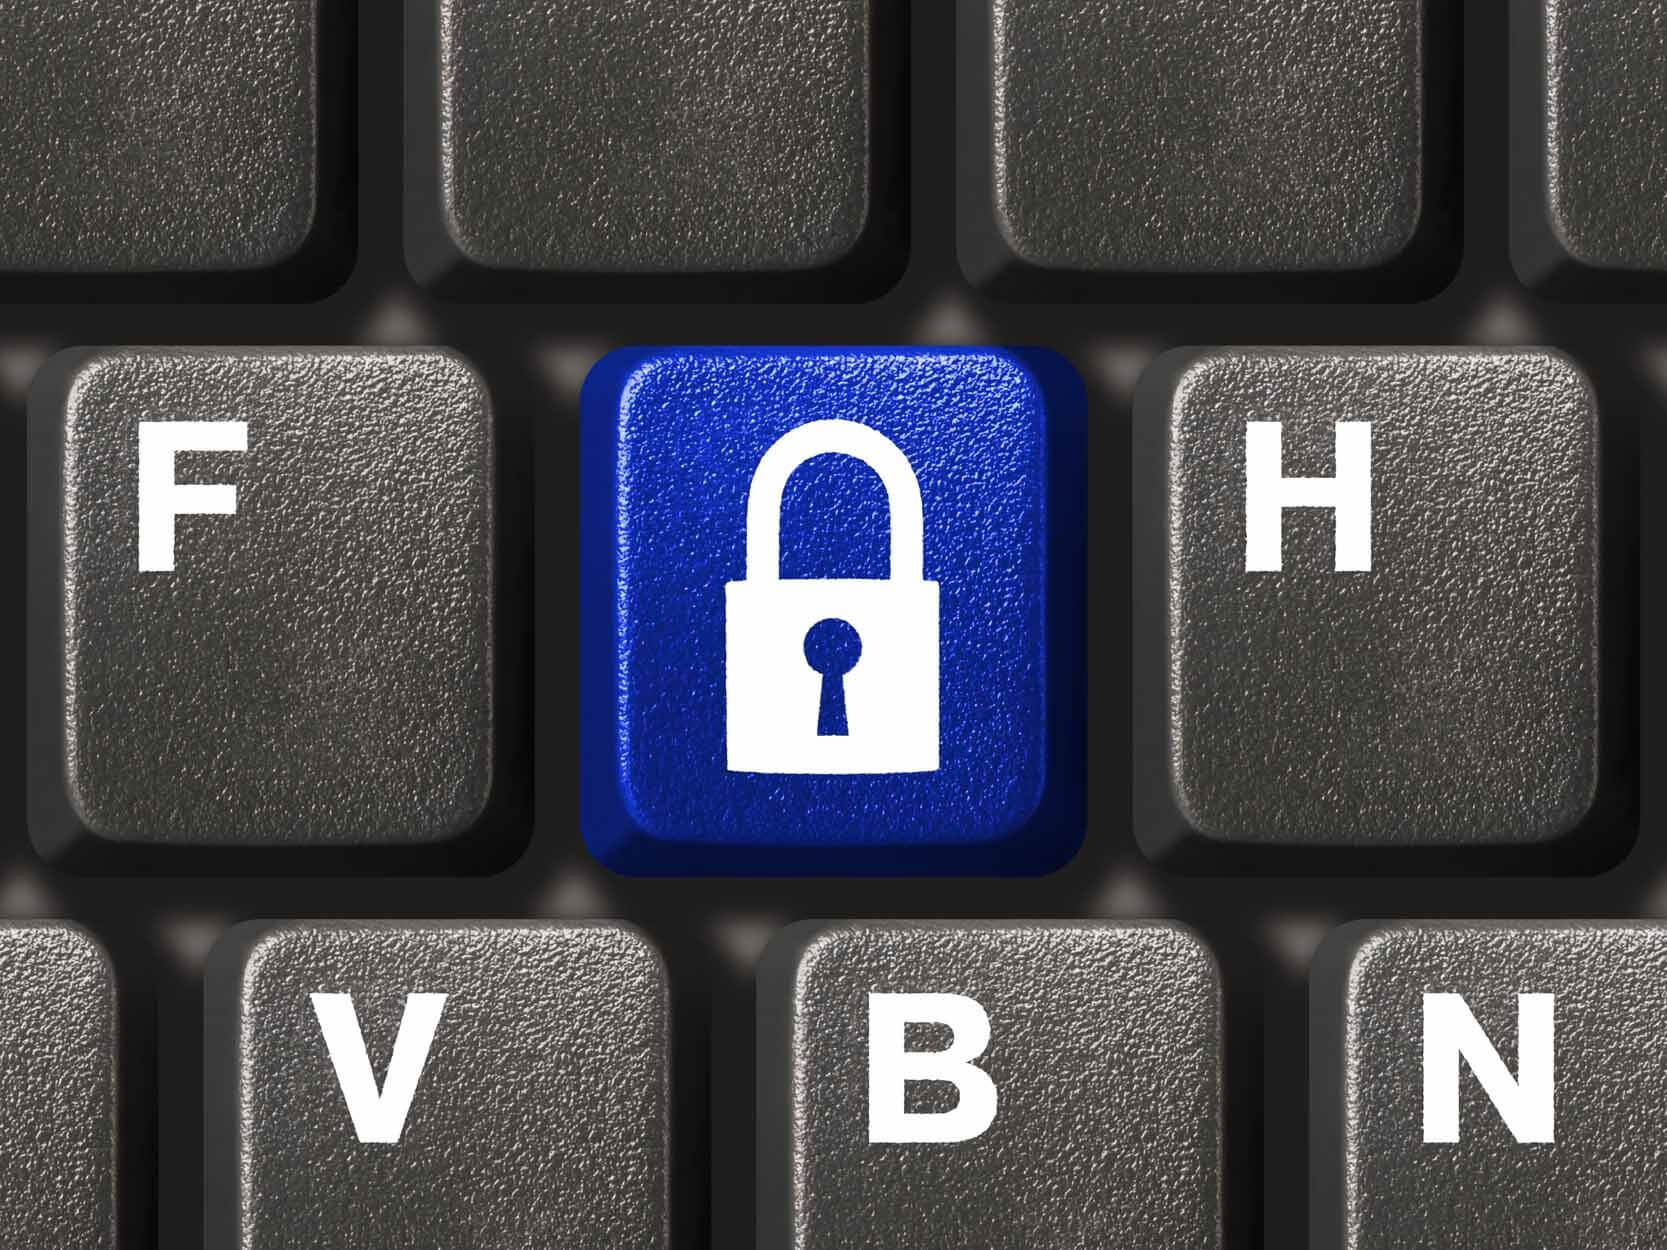 20 consigli per la sicurezza e la privacy su Facebook